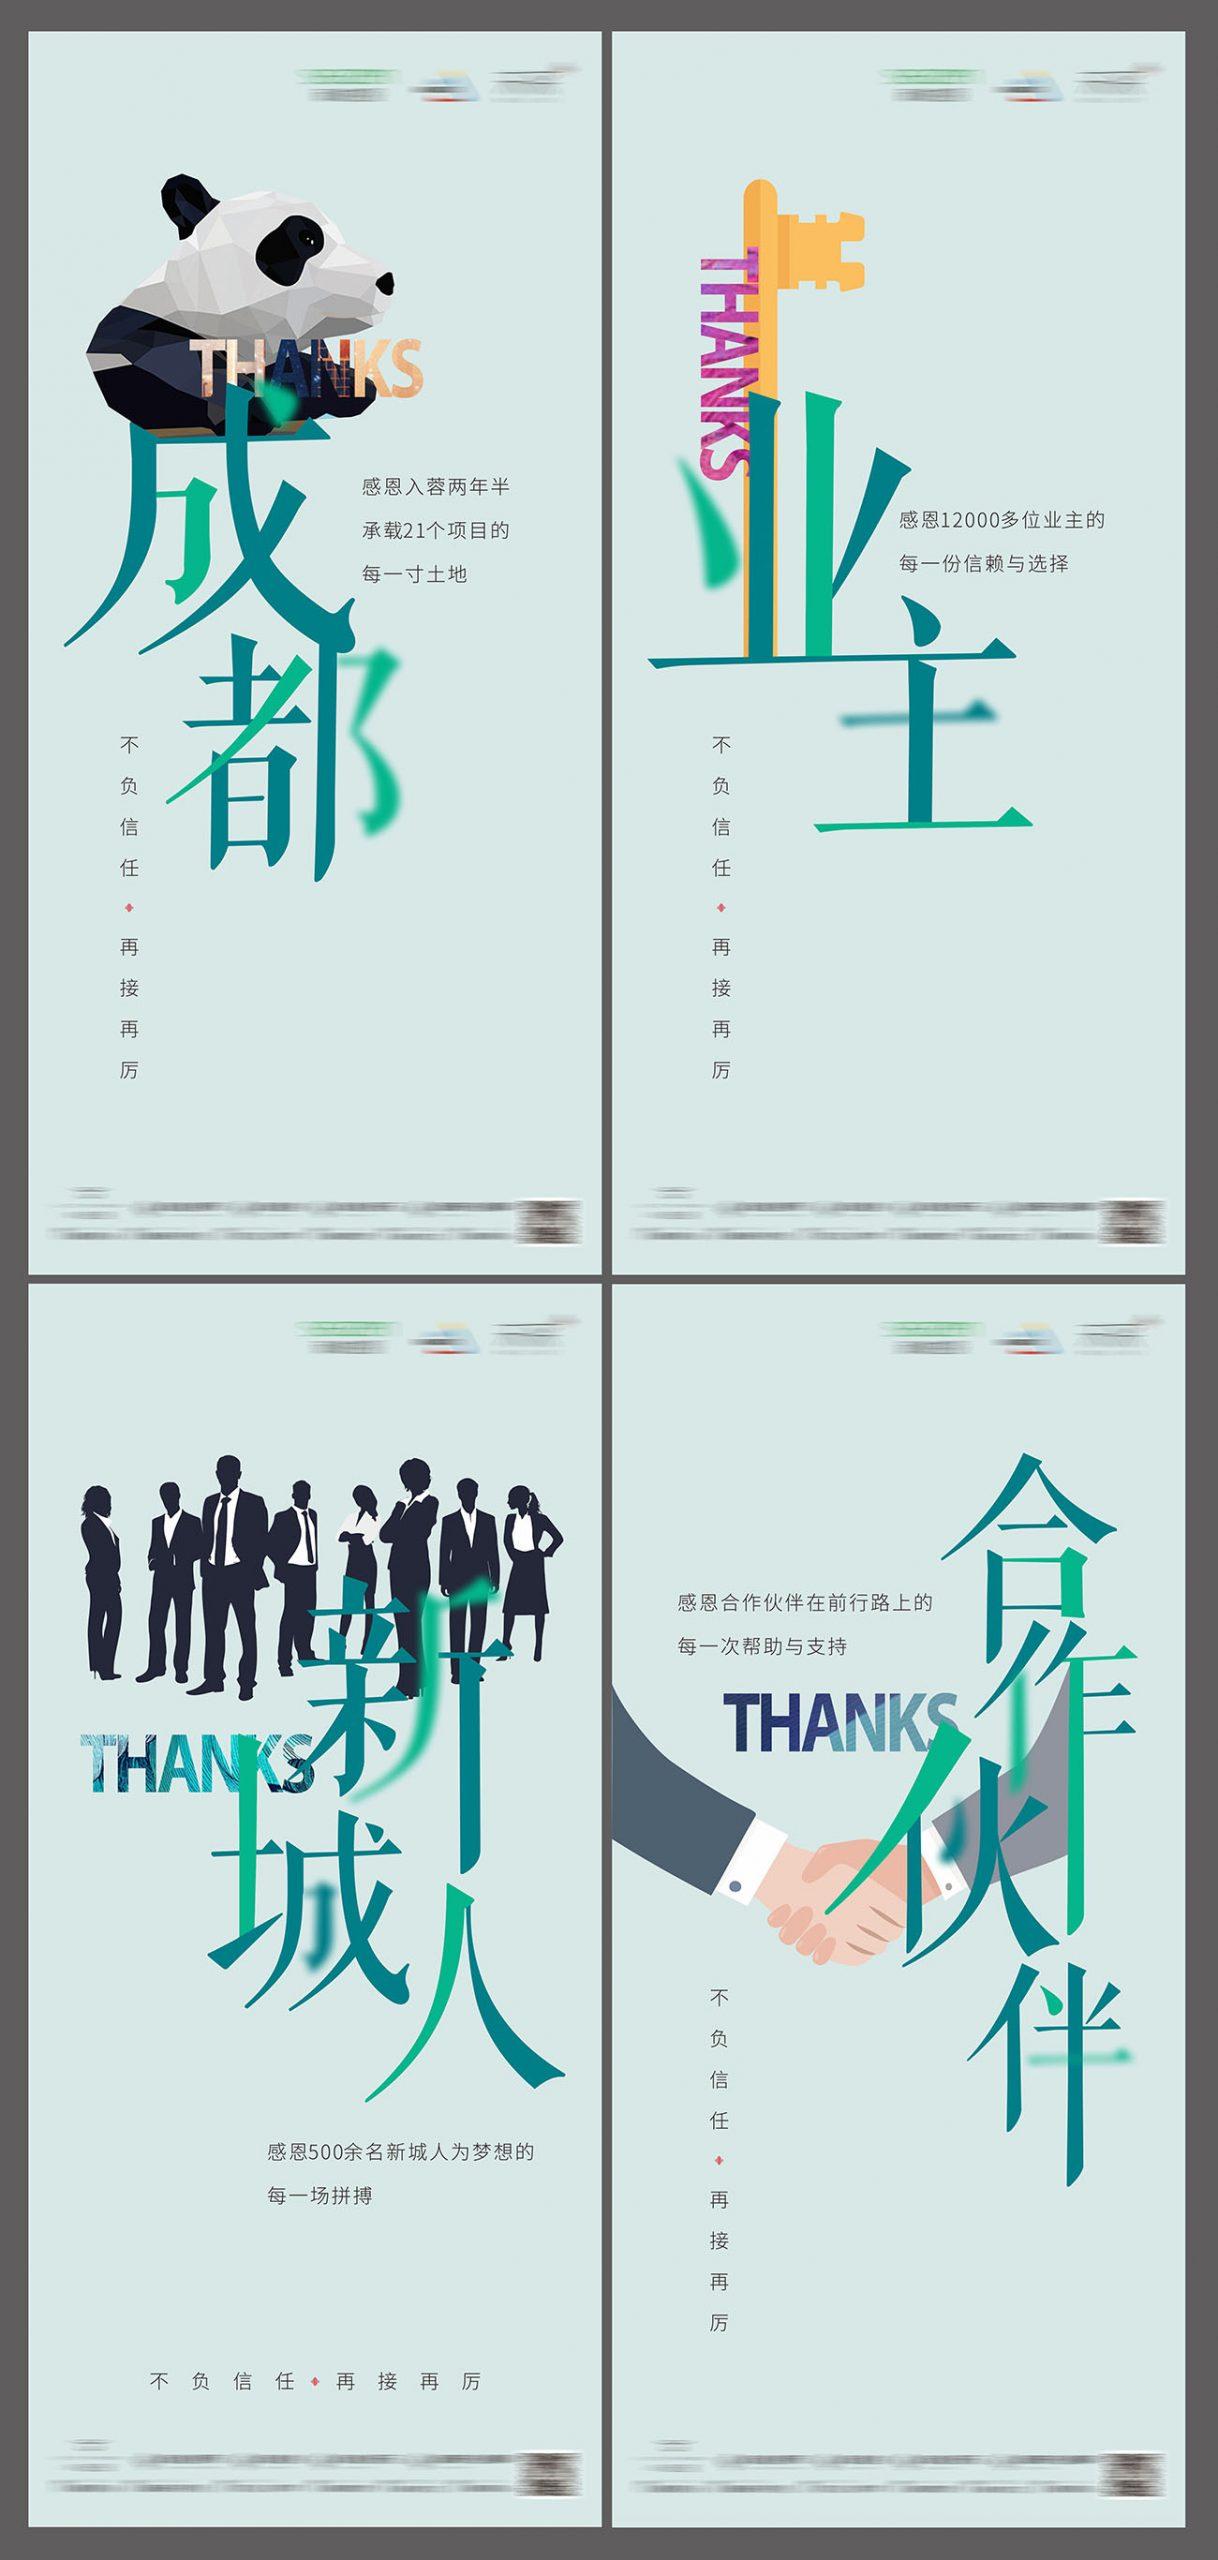 地产感恩合作伙伴单图海报CDR源文件插图